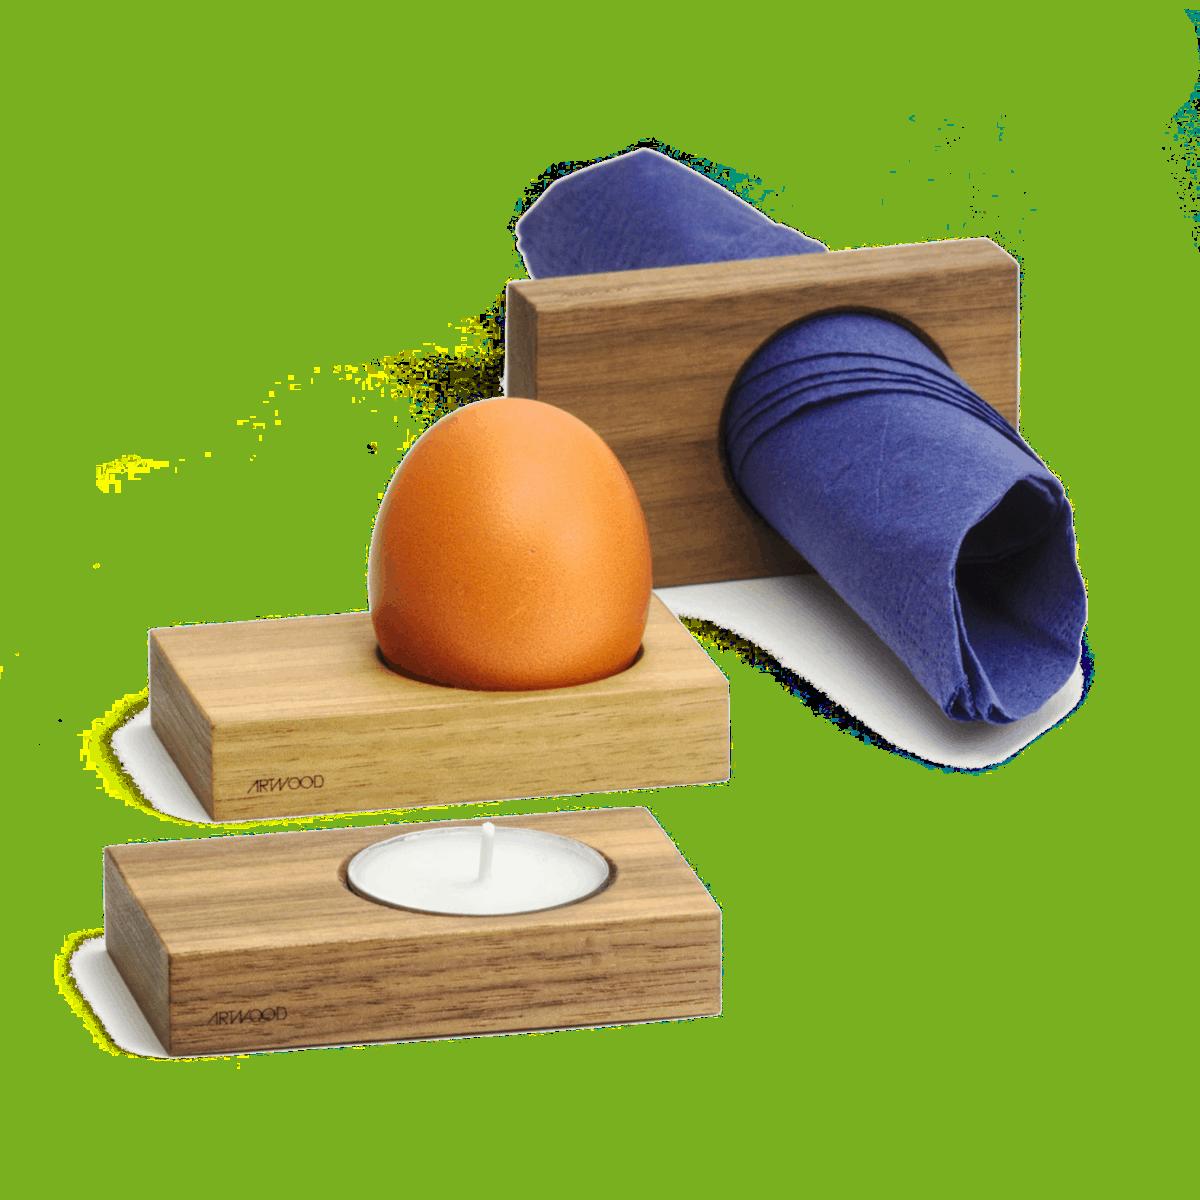 Serviettenring, Eierbecher und Teelichthalter in einem Stück Holz von ArtWooD